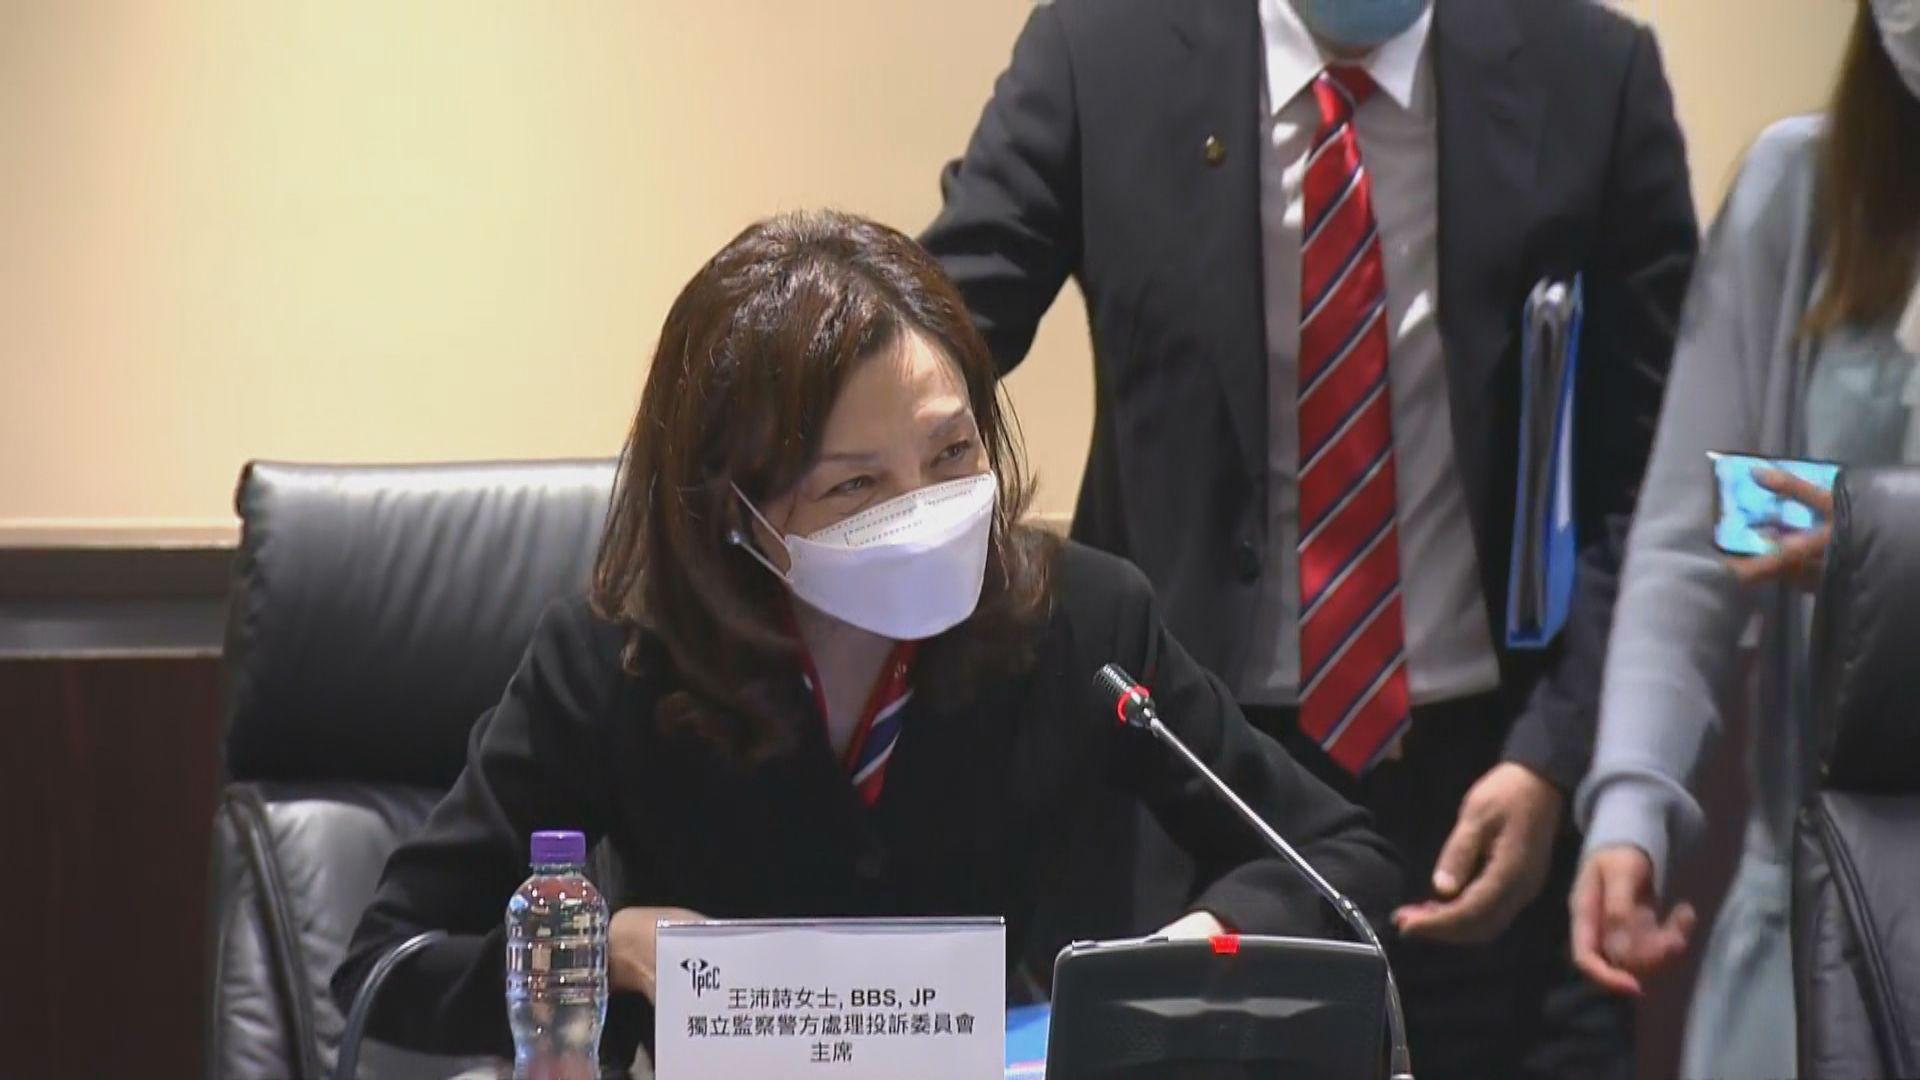 新任監警會主席王沛詩:若濫用機制虛假投訴會保護警員